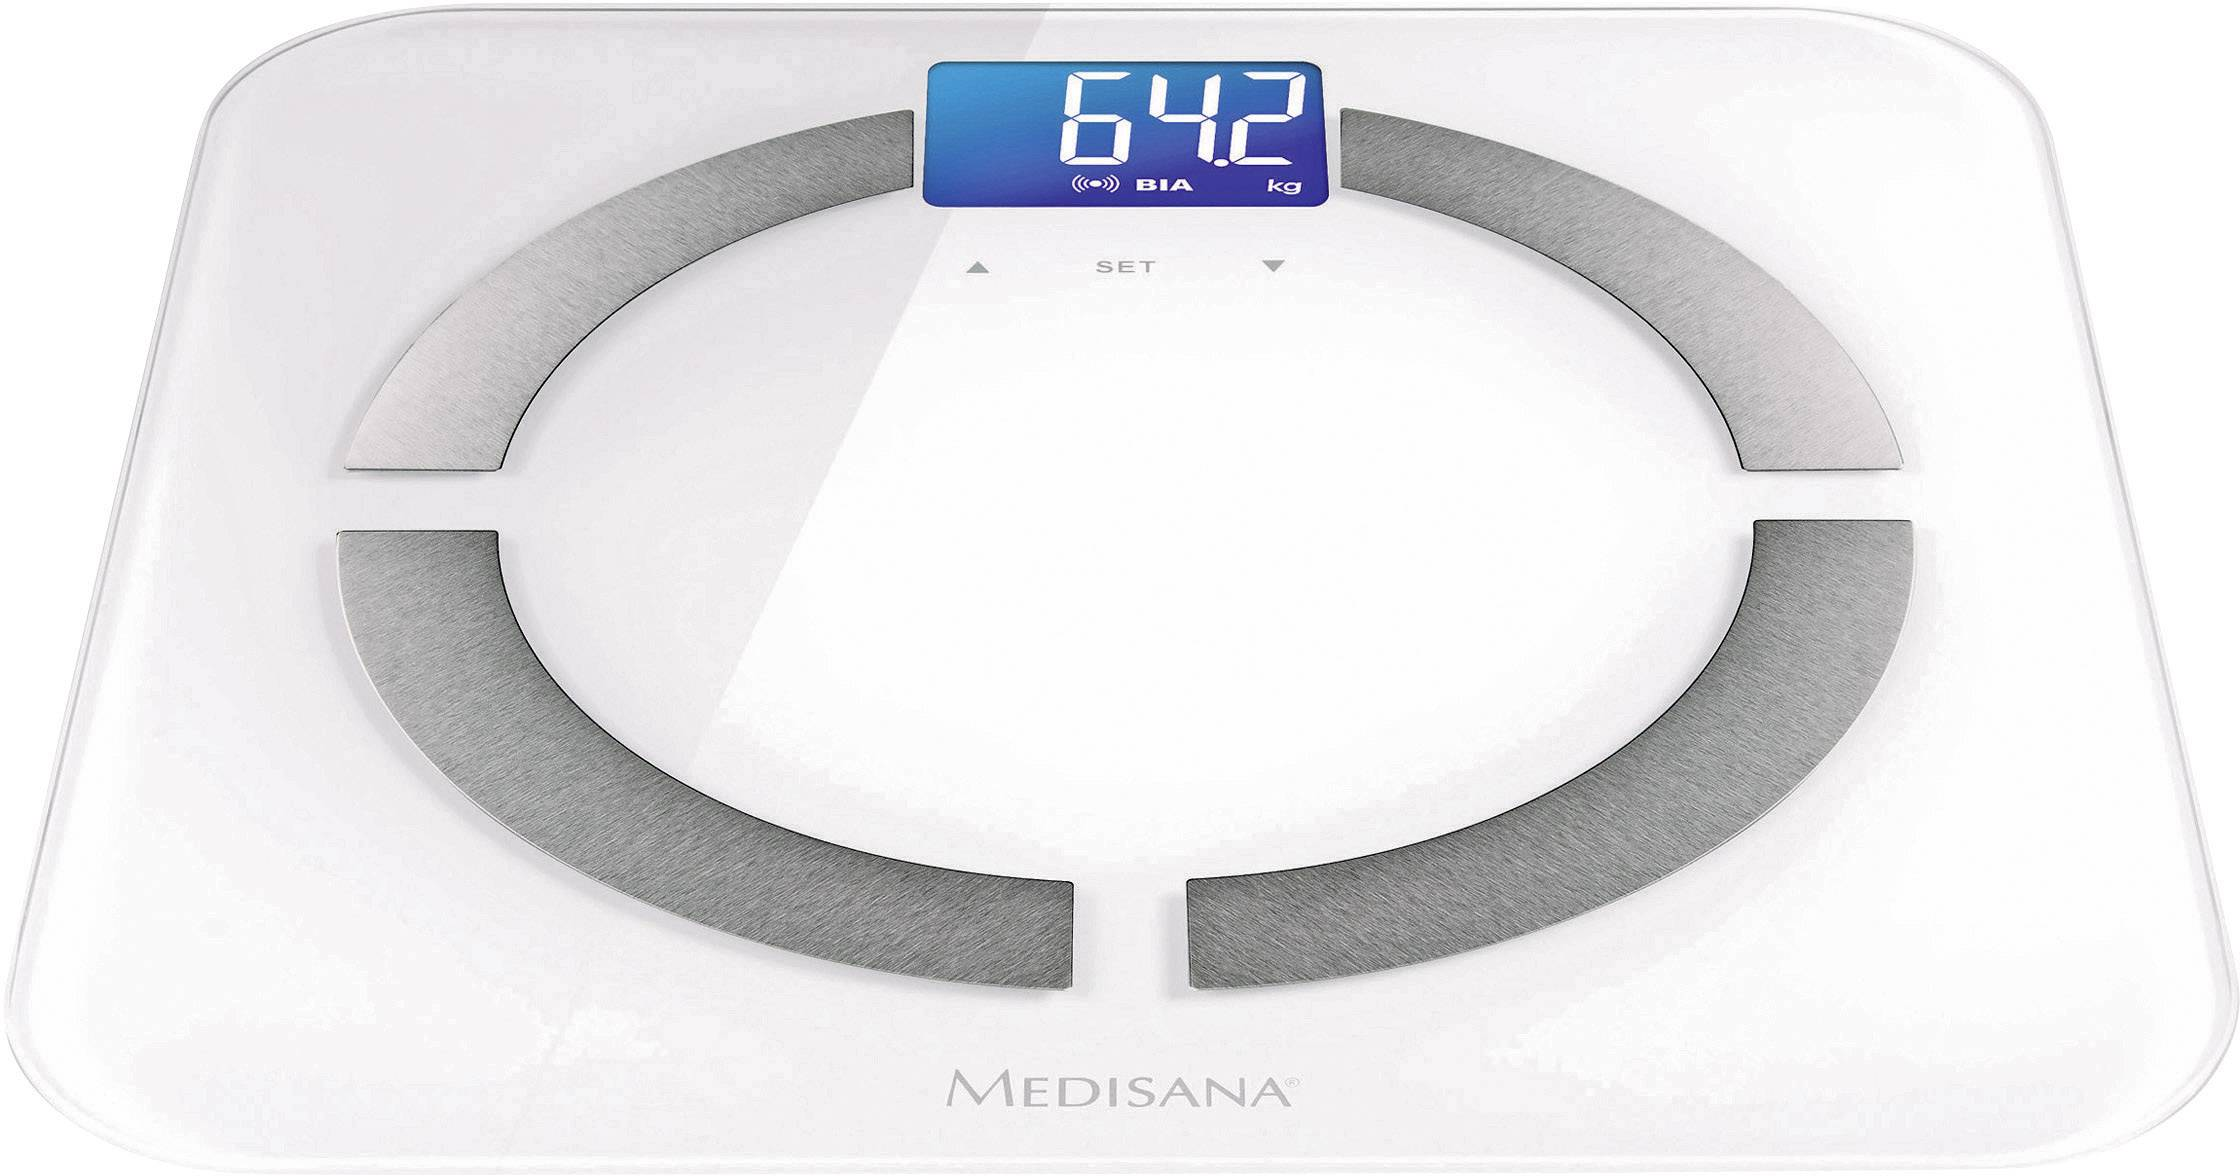 Osobná váha s analýzou telesného tuku a Bluetooth k smartfónu/tabletu, Medisana BS430